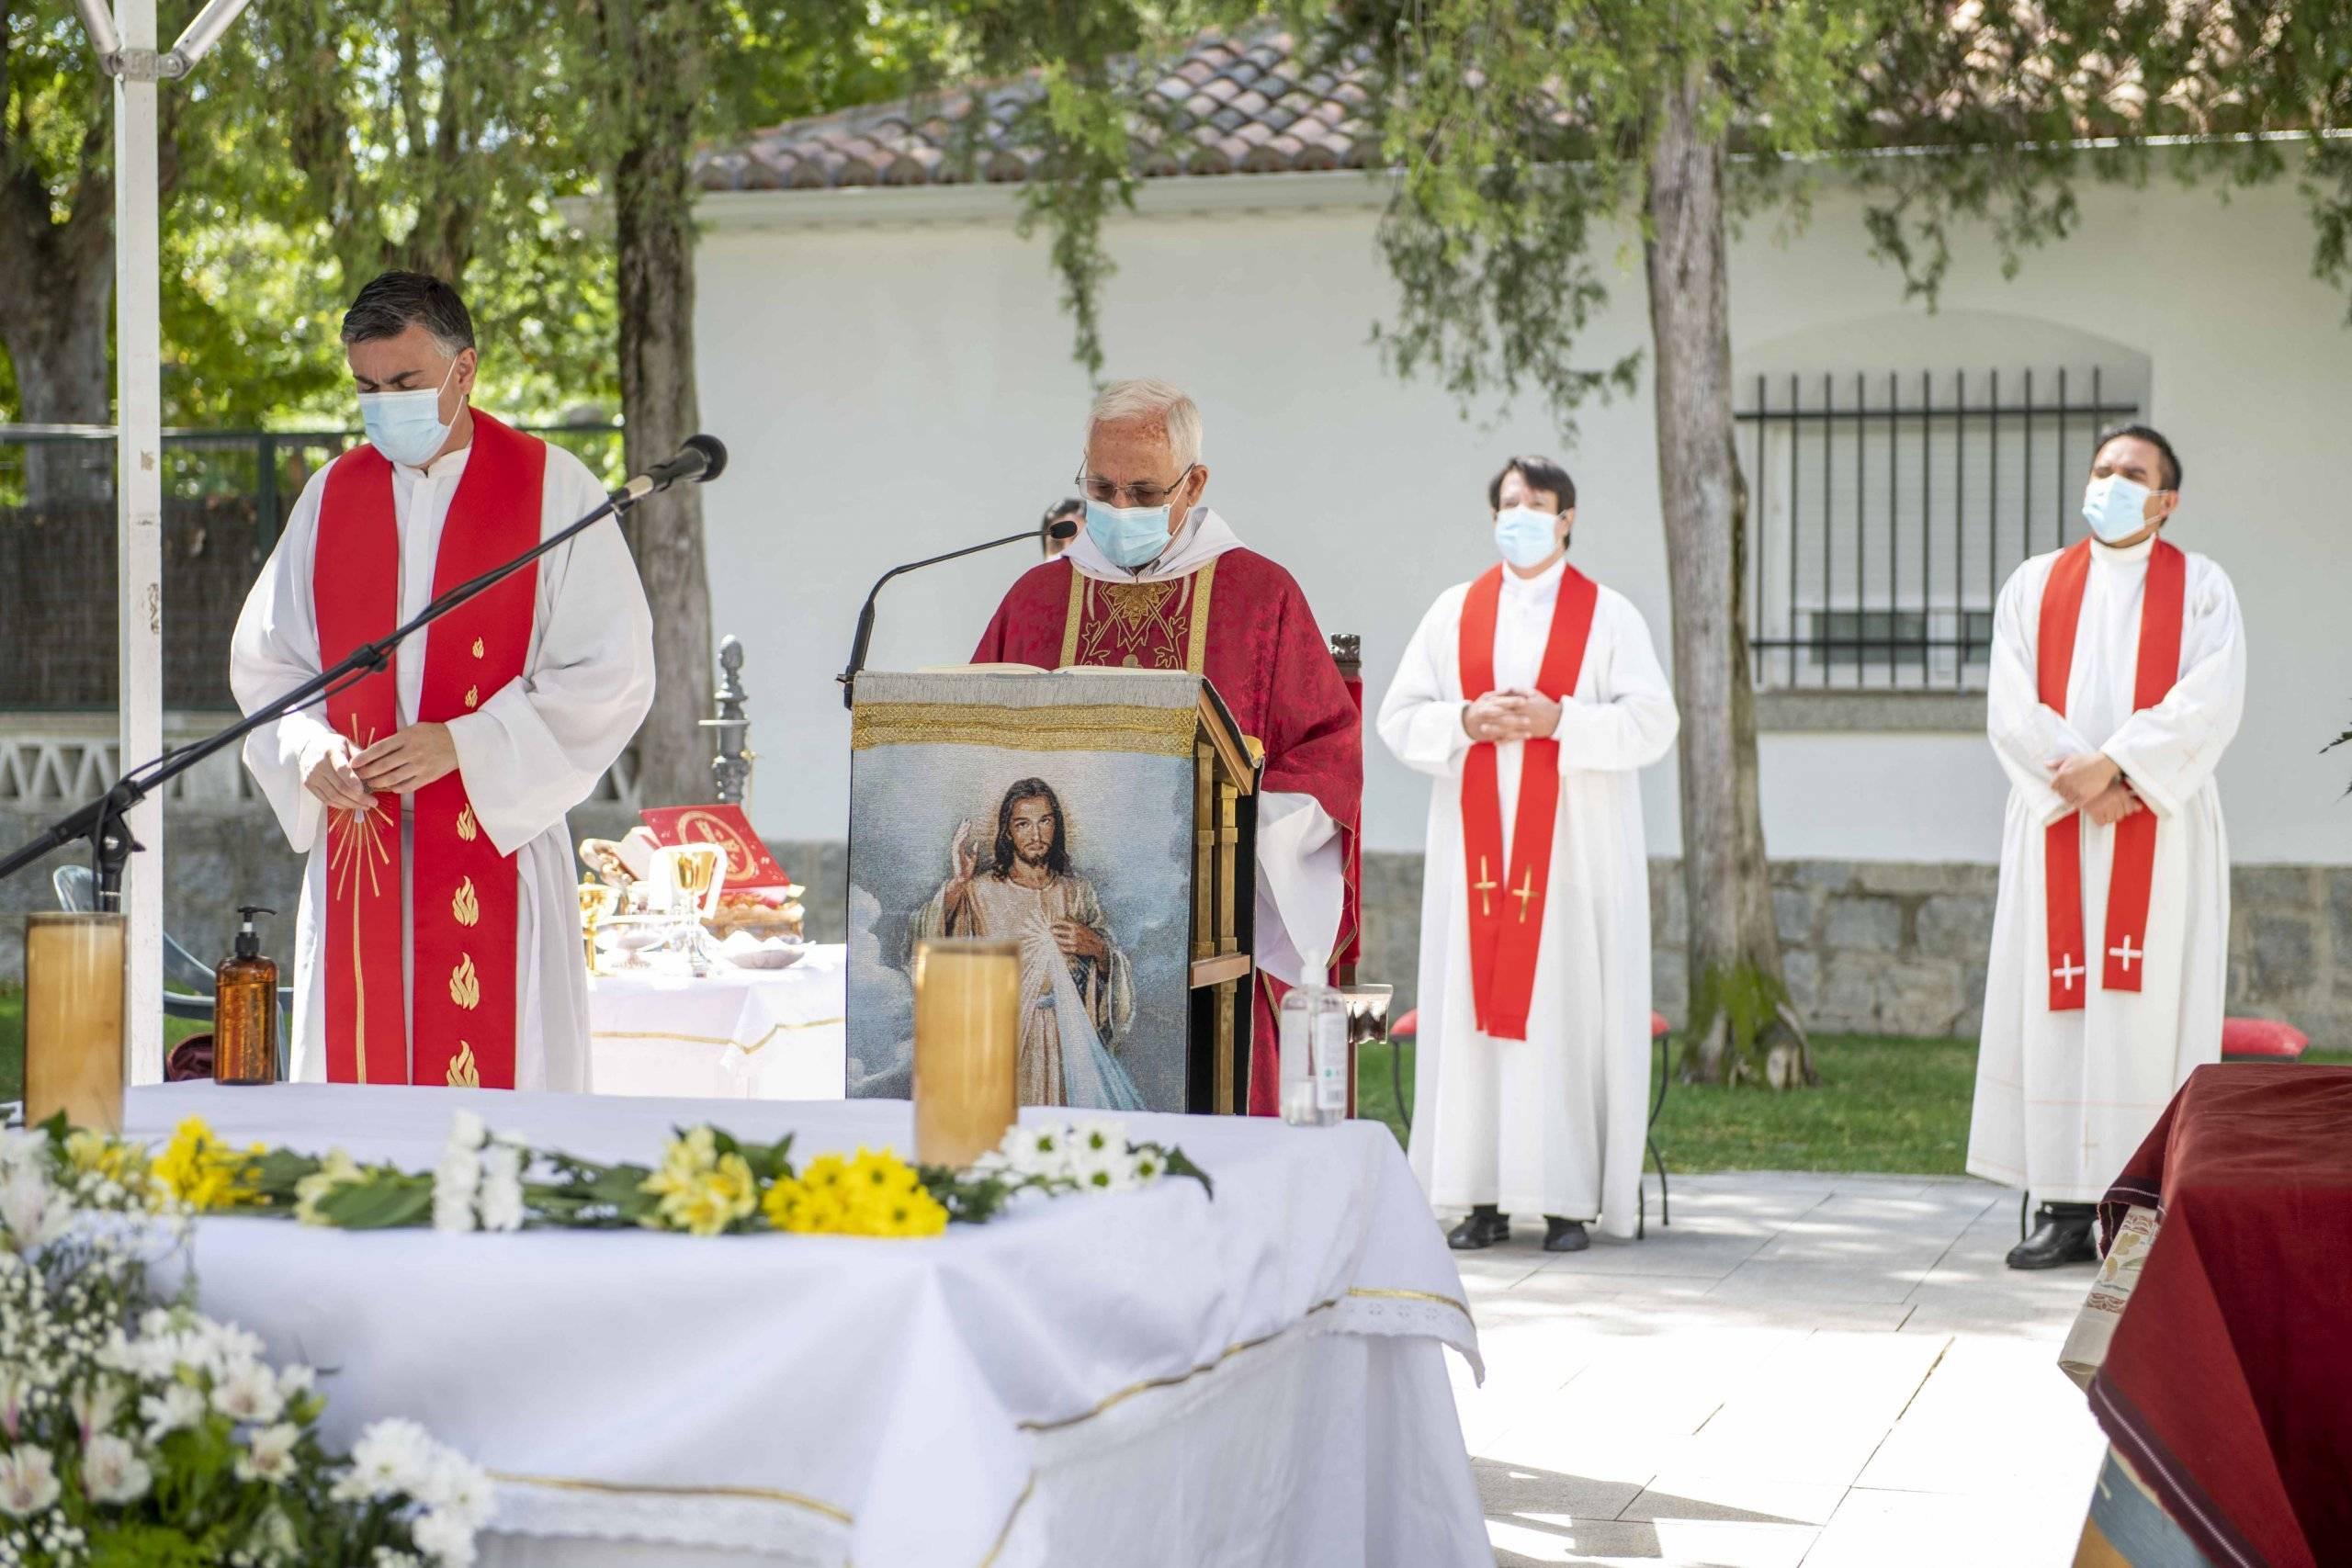 El misionero Nicasio Fernández, acompañado por los párrocos del municipio, ha presidido la misa.